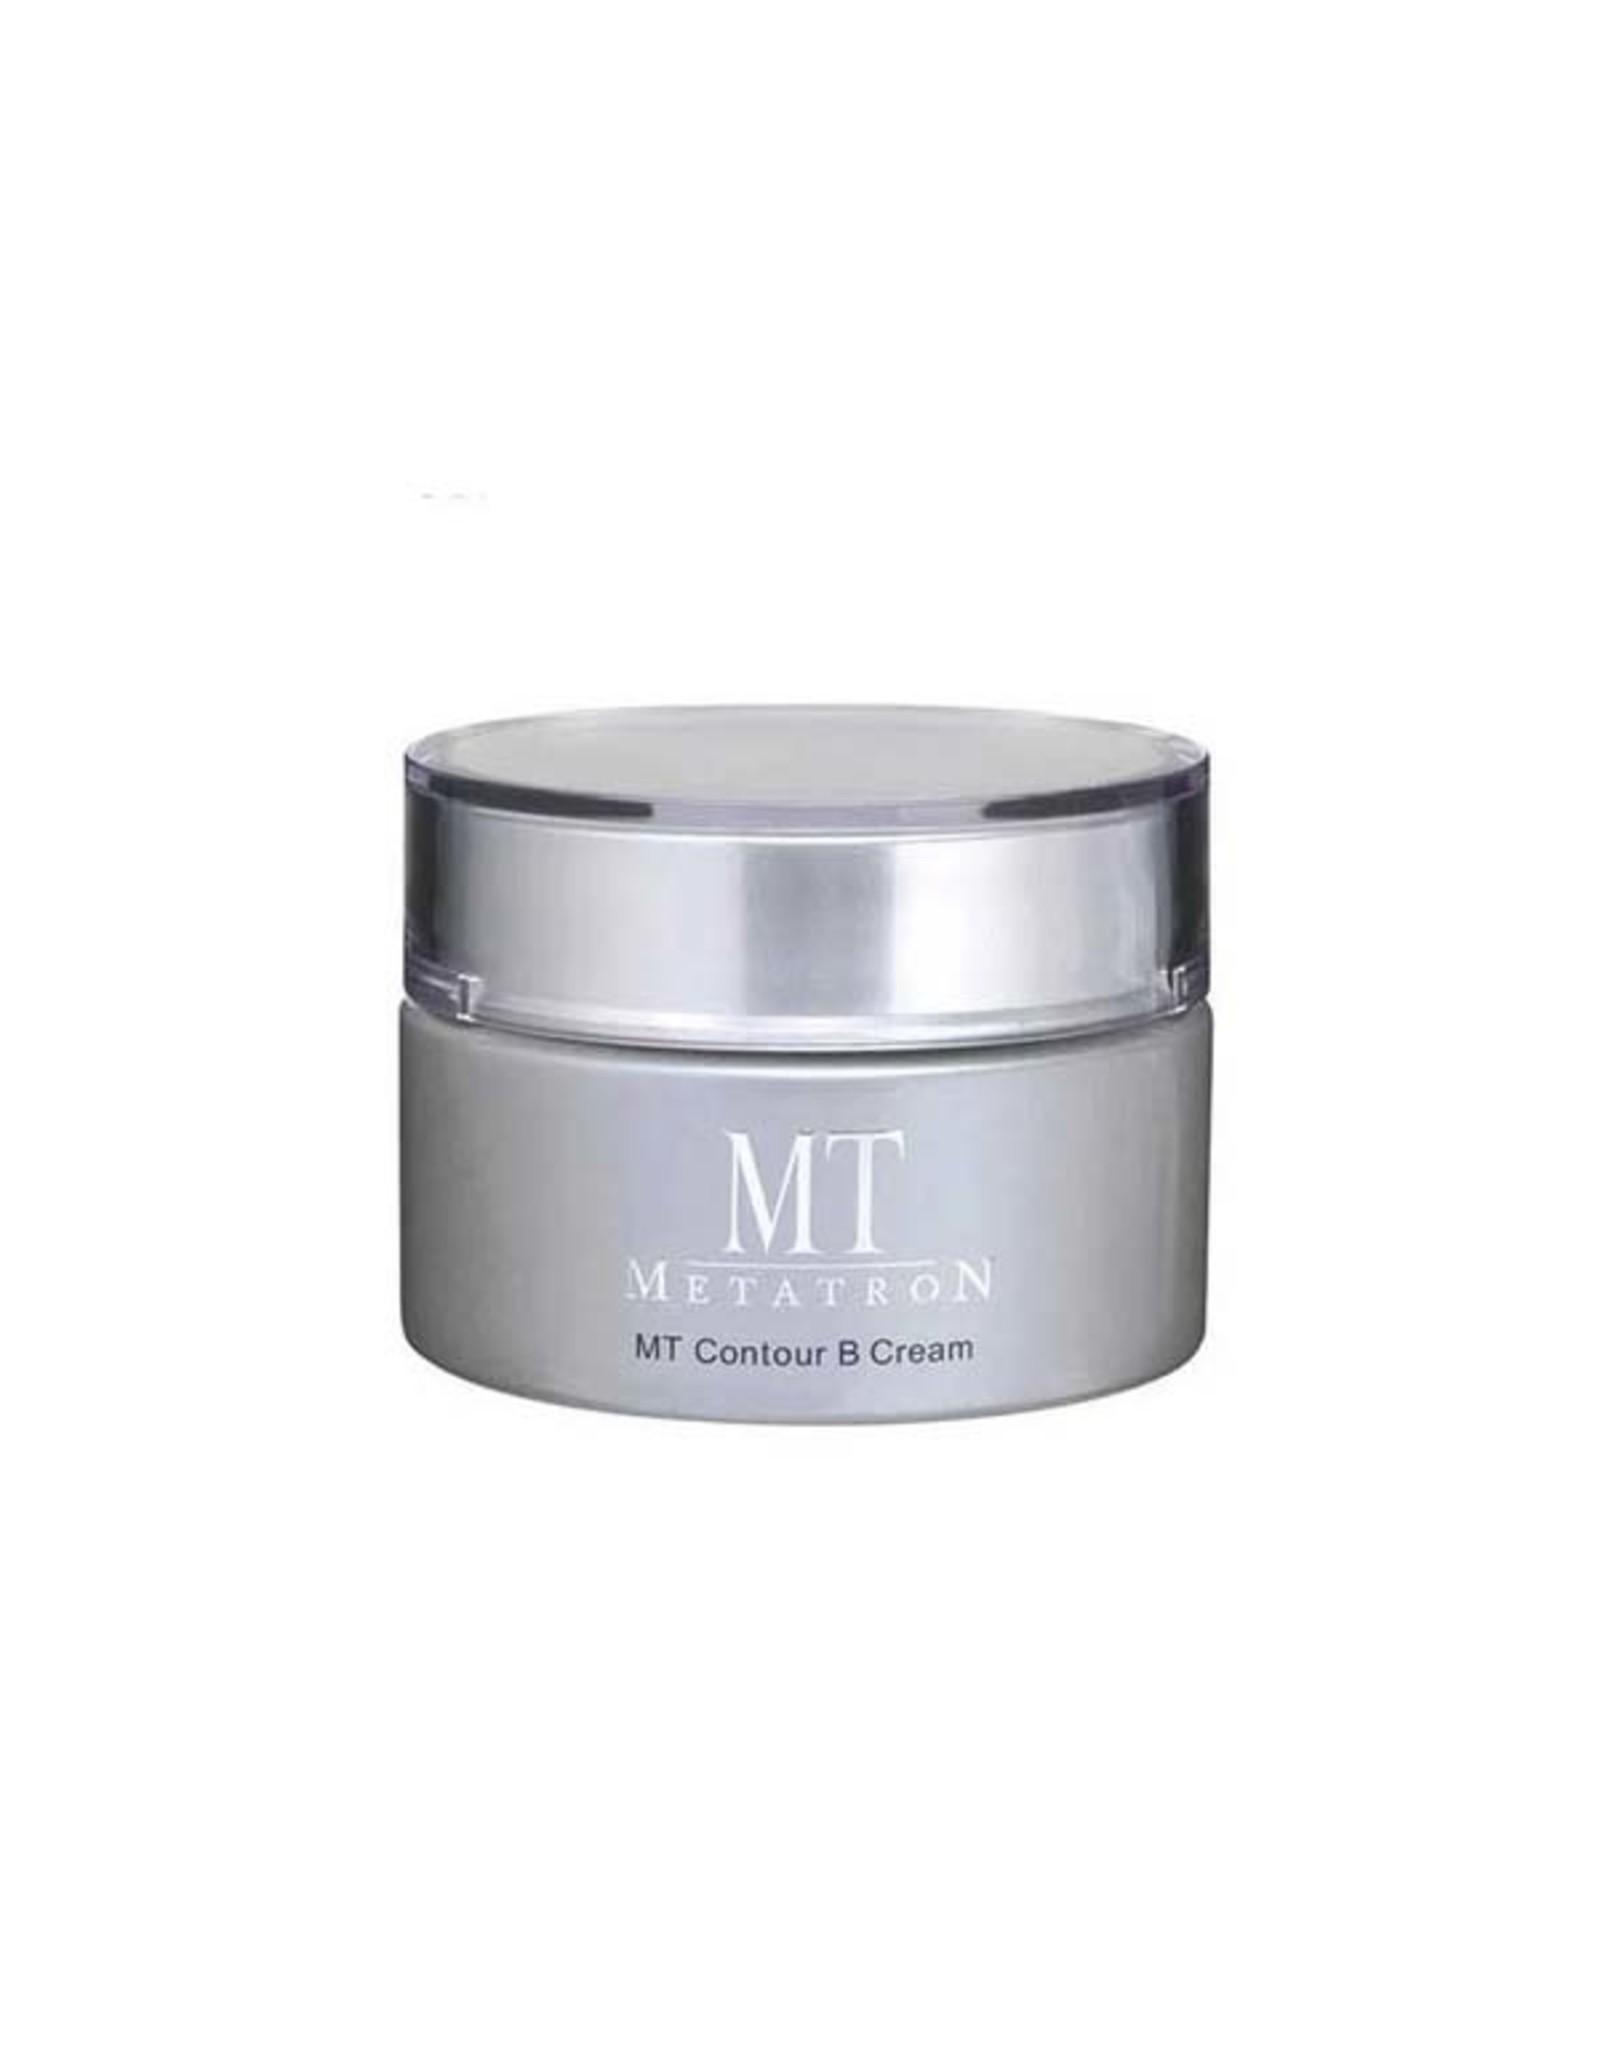 MT Metatron MT Metatron Contour B Cream